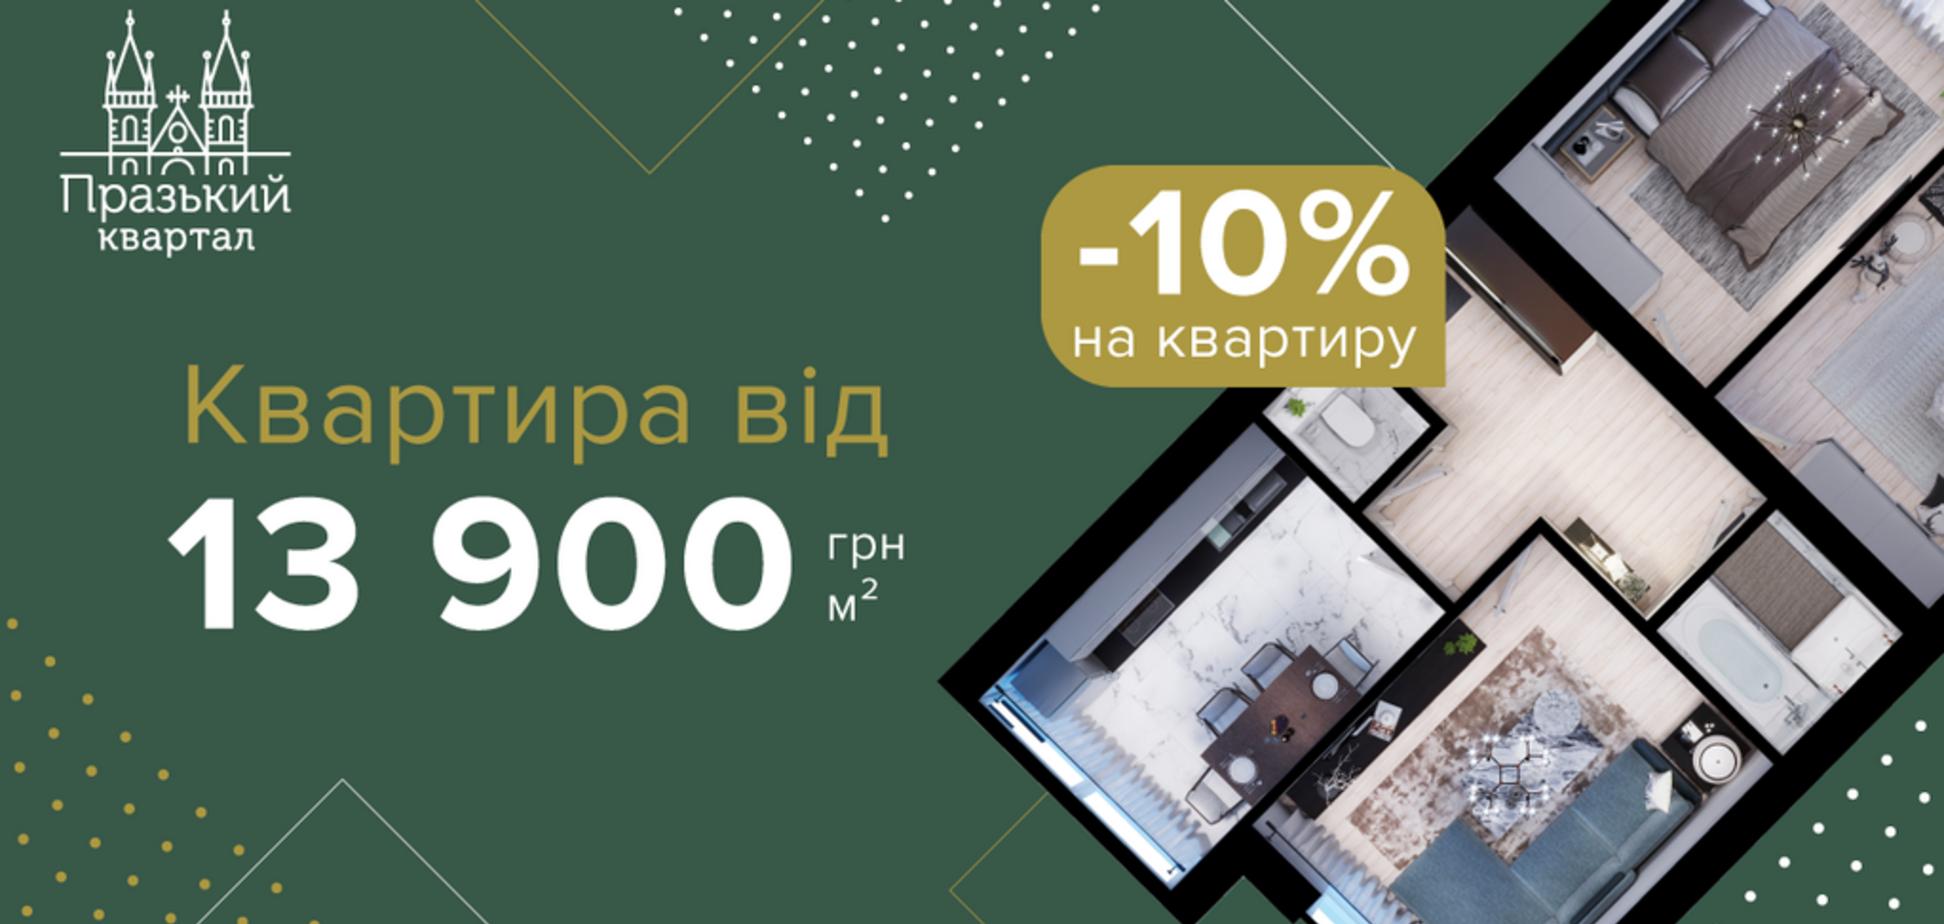 На 10% выгоднее: ЖК Пражский квартал дарит потрясающие скидки